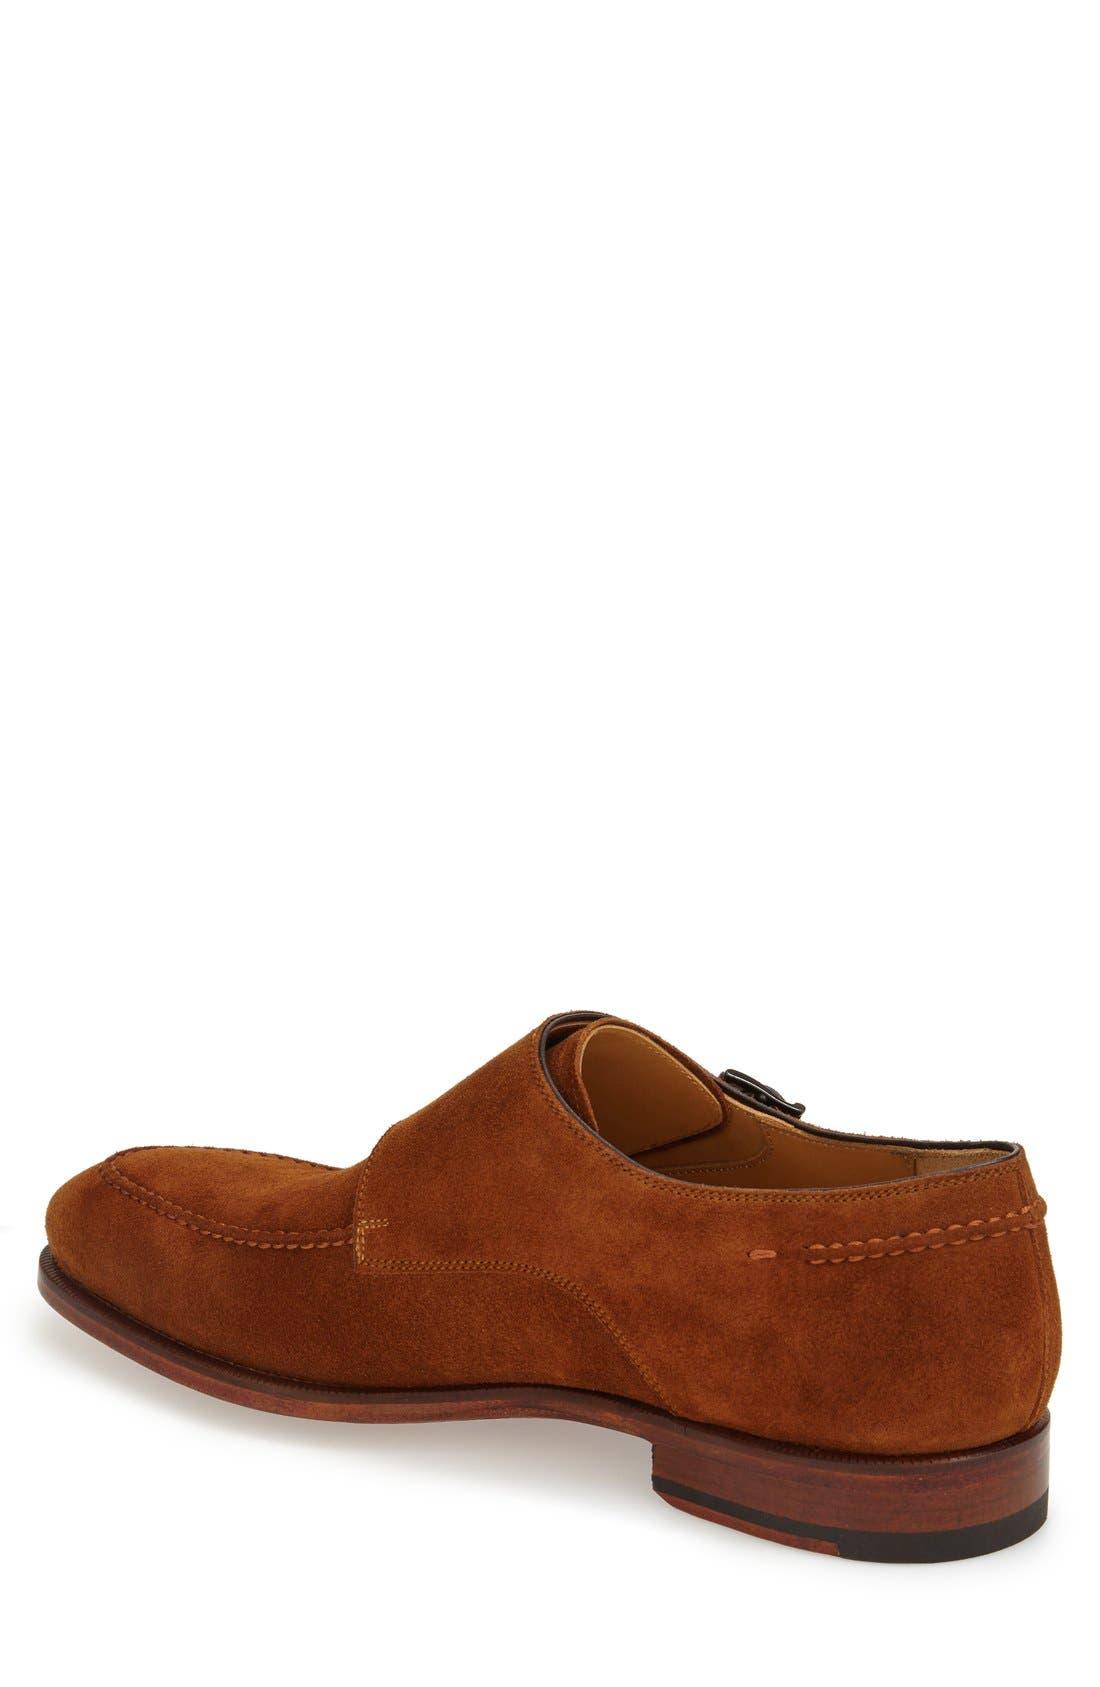 'Tomas' Double Monk Strap Shoe,                             Alternate thumbnail 4, color,                             219